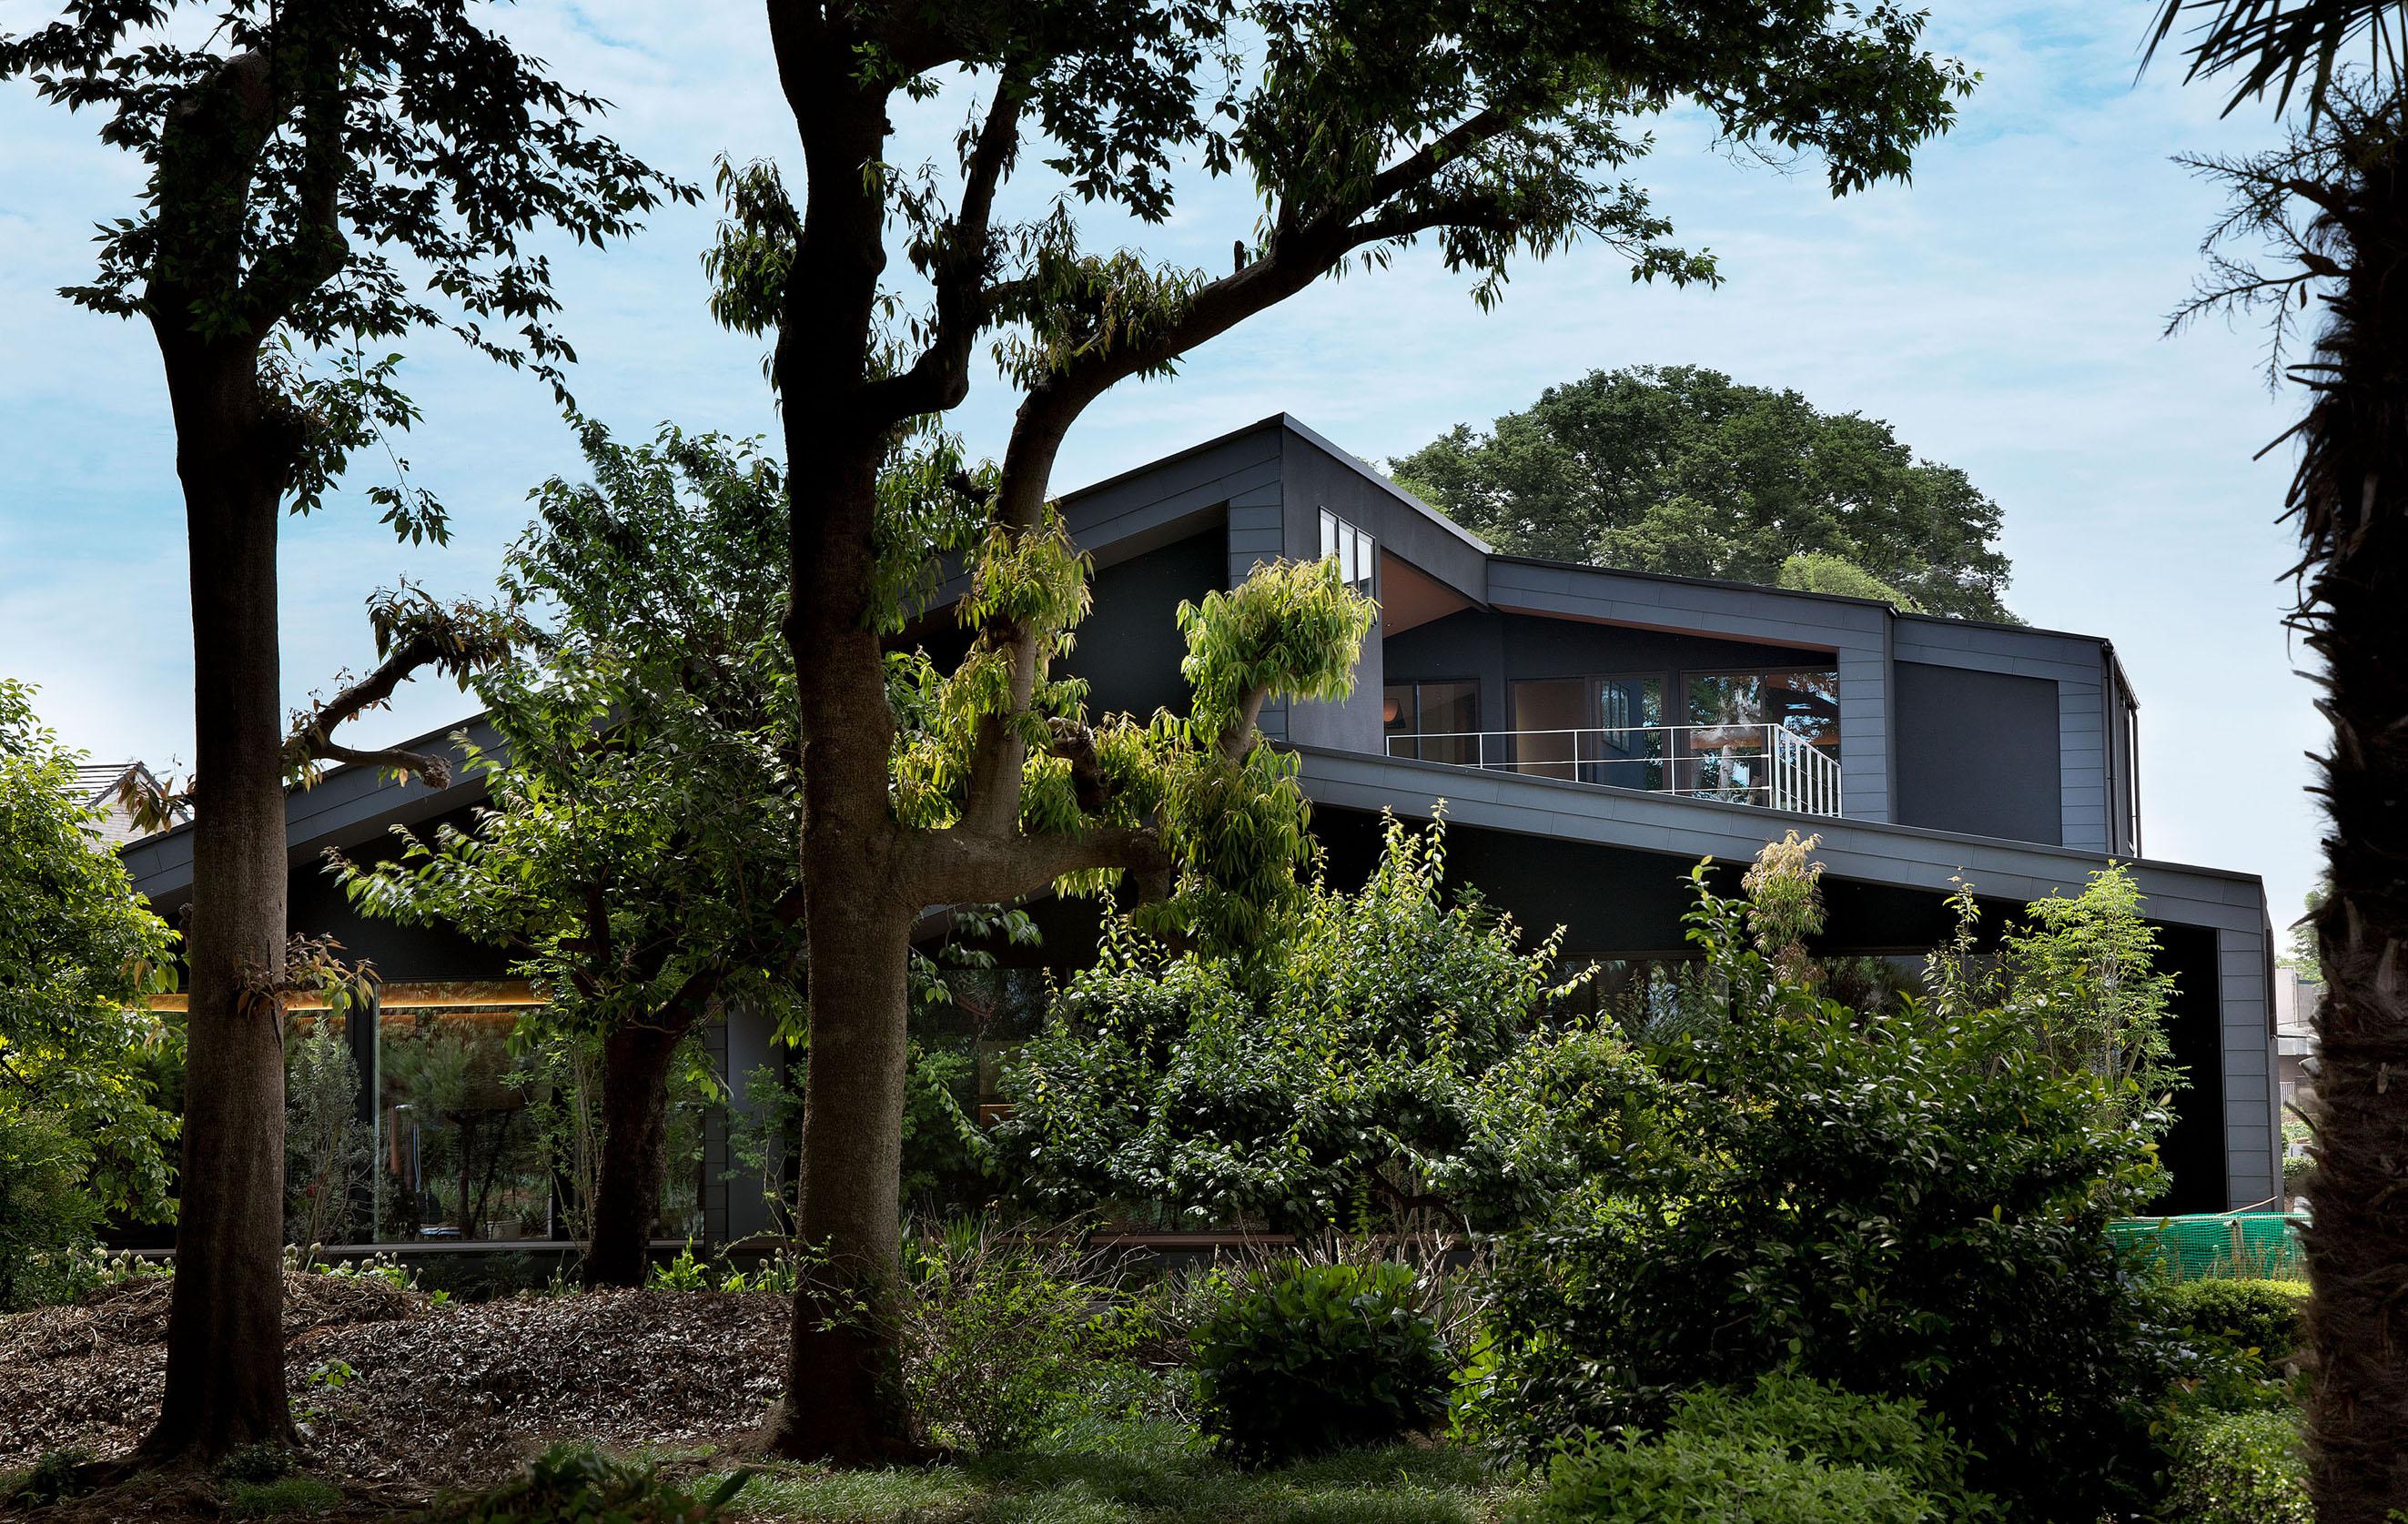 整形外科 クリニックデザイン 外観 森林 自然 平岡建築デザイン